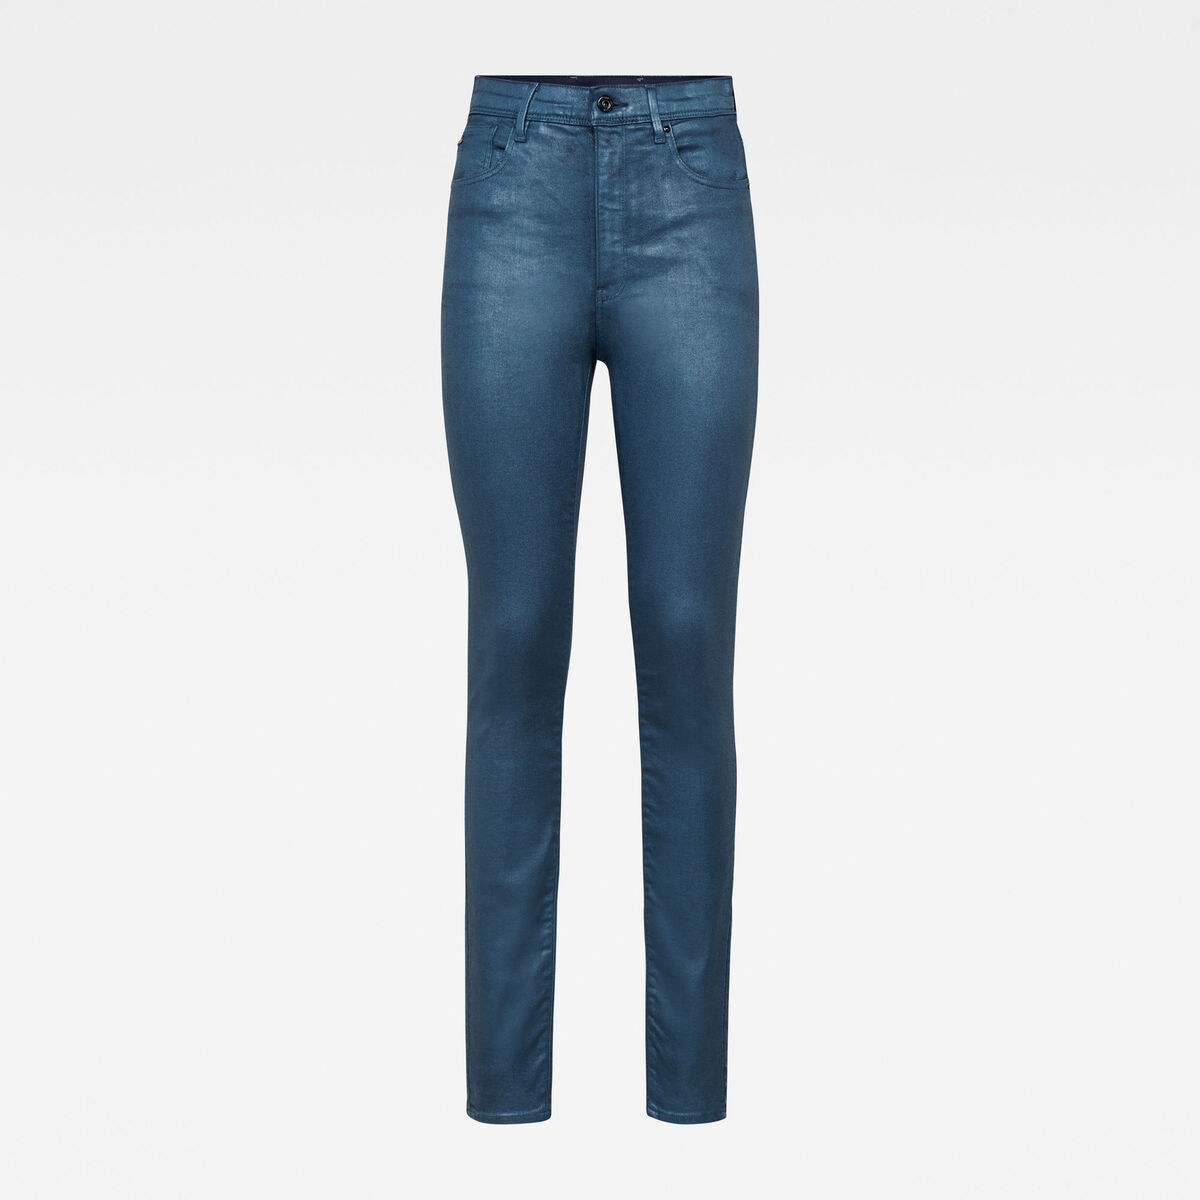 Bild 4 von Kafey Ultra High Skinny Jeans